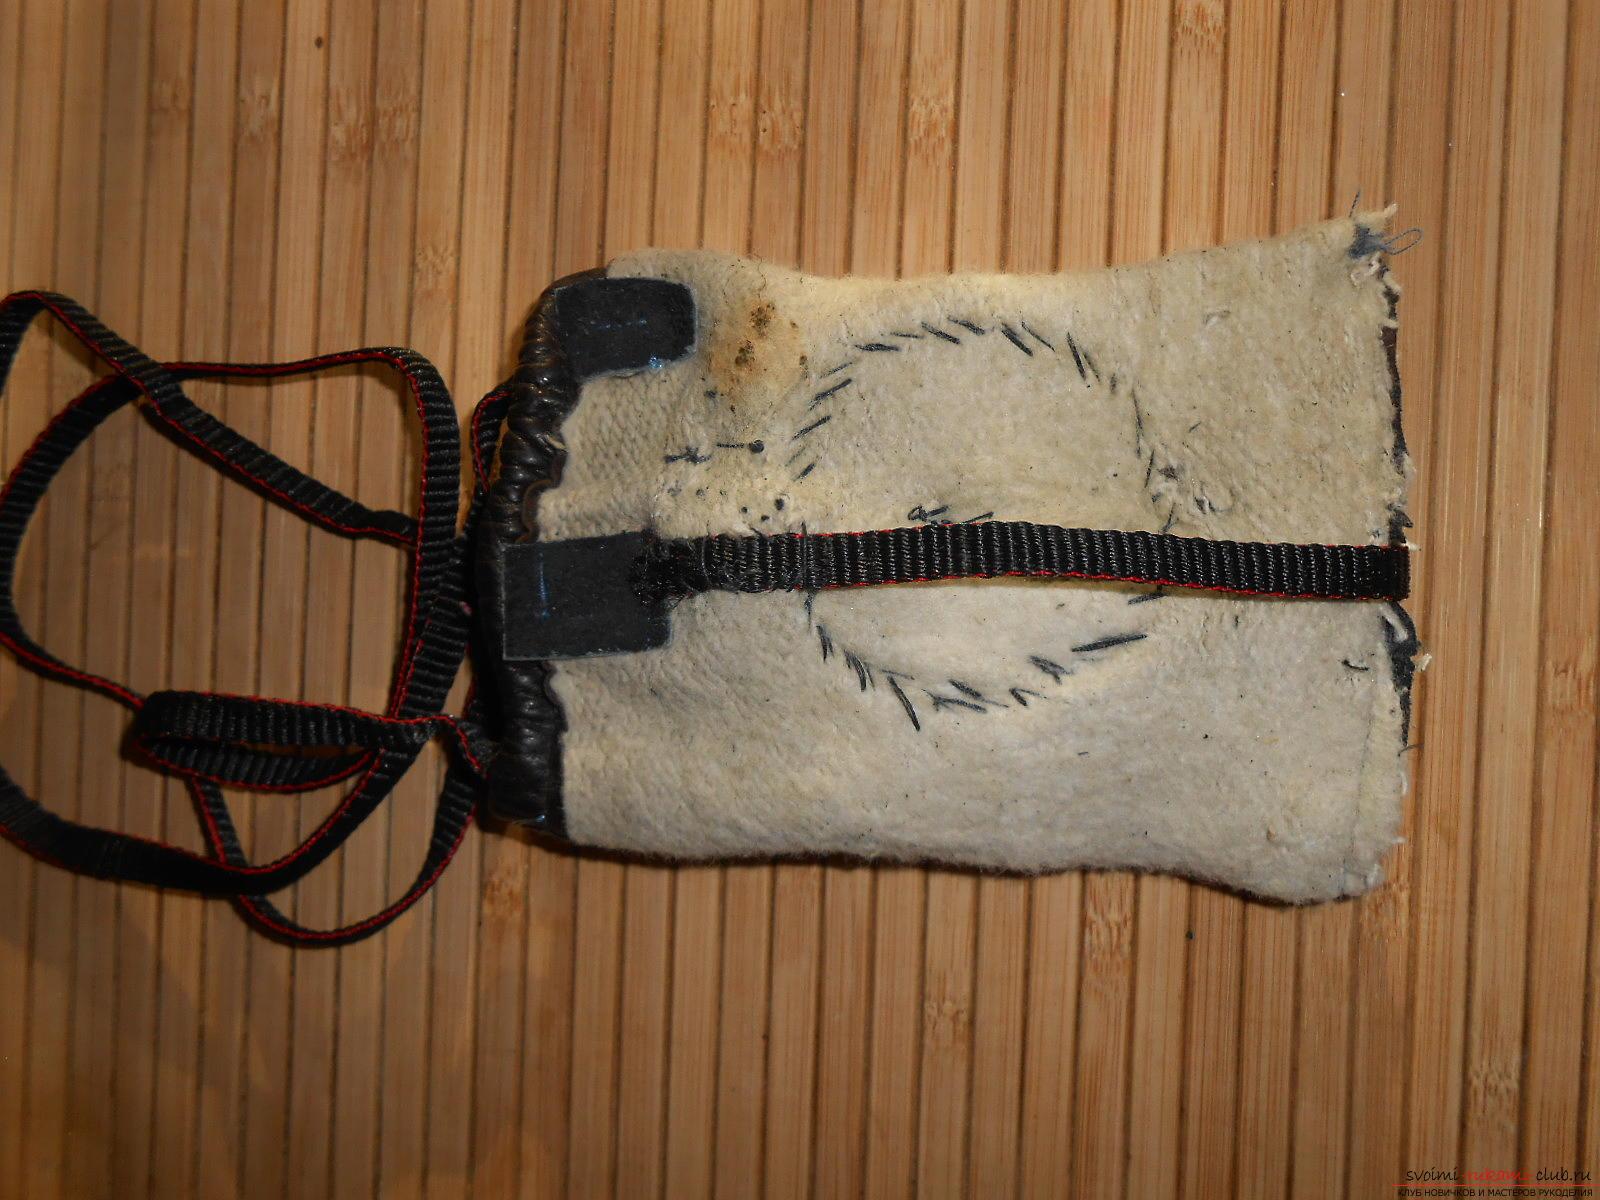 Кожаные чехлы самые модные для телефонов, но мало кто знает как сделать чехлы из кожи своими руками.. Фото №24